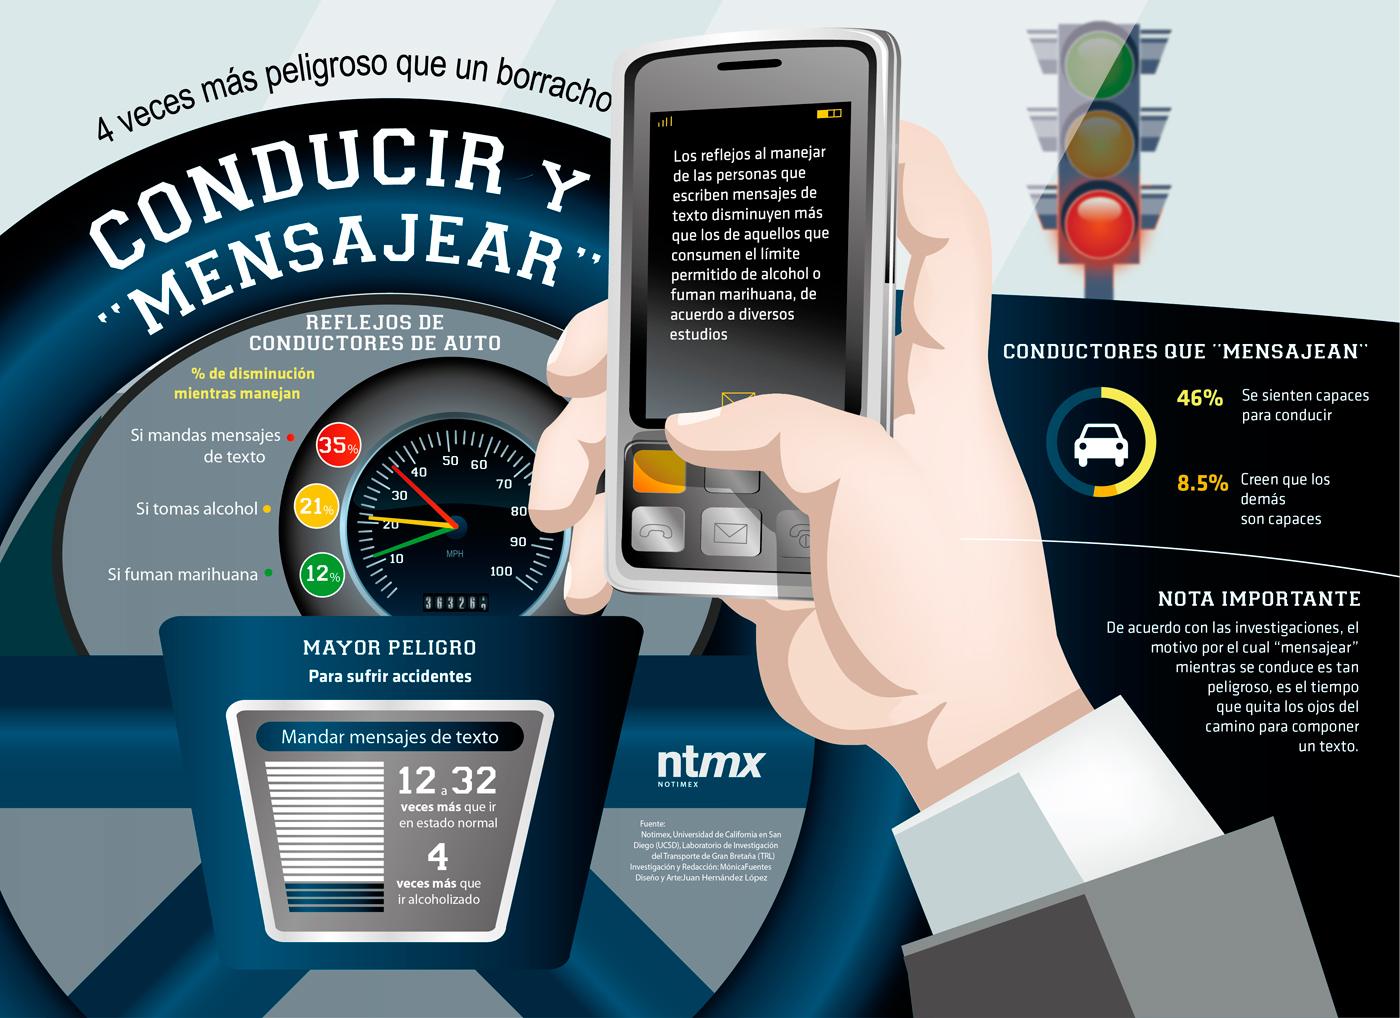 conducir-mensajear